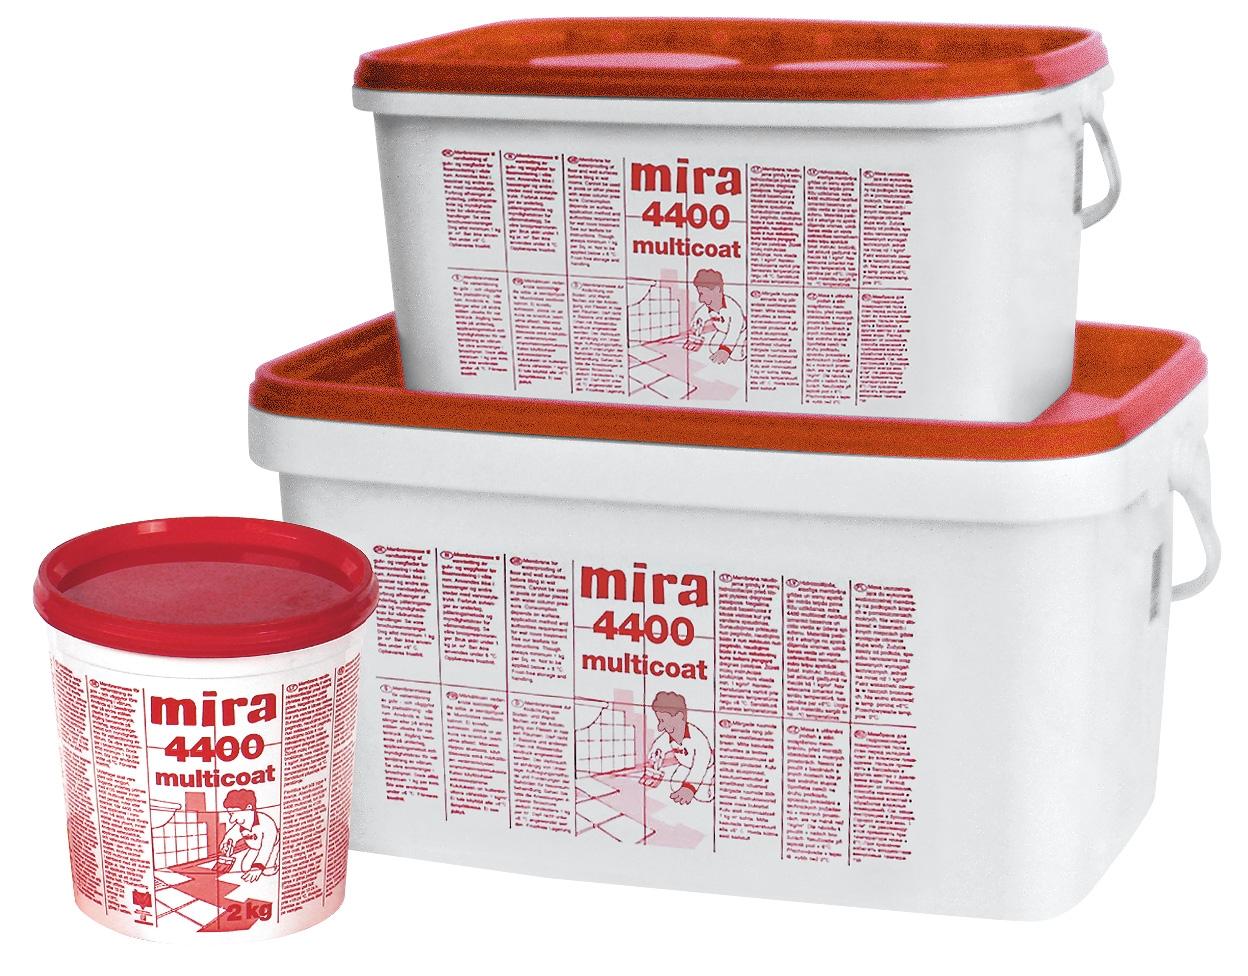 MIRA 4400 MULTICOAT 6 kg